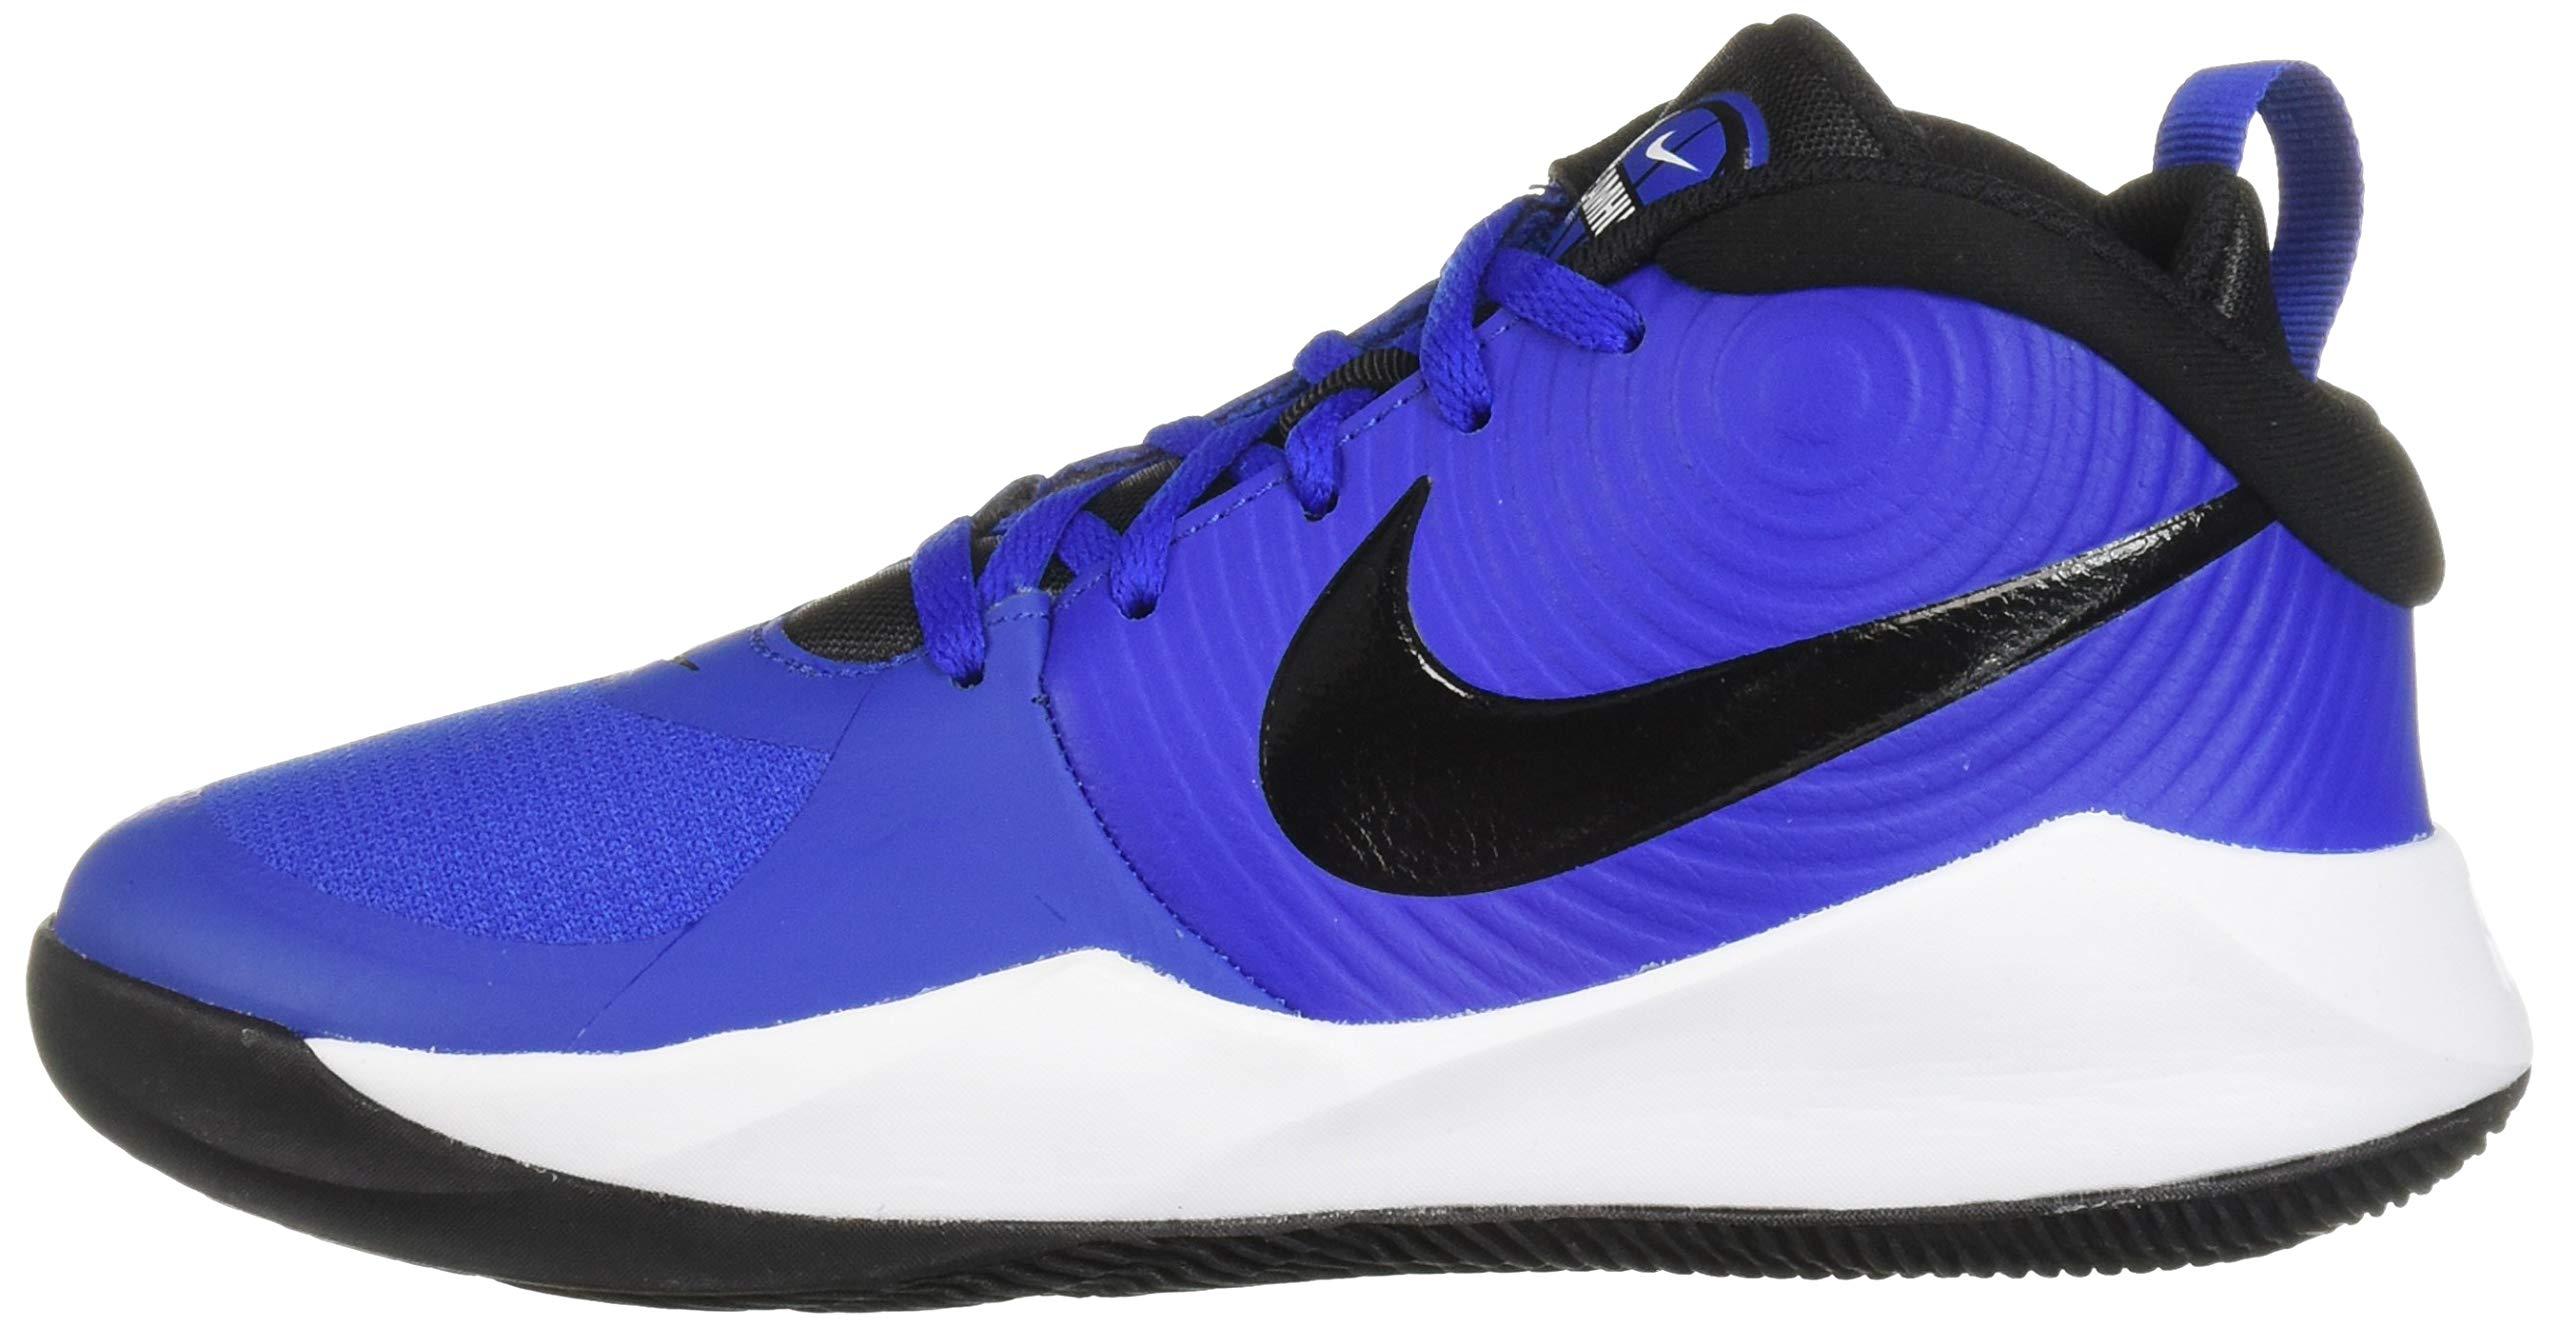 Nike Unisex Team Hustle D 9 (GS) Sneaker, Game Royal/Black - White, 5Y Regular US Big Kid by Nike (Image #5)